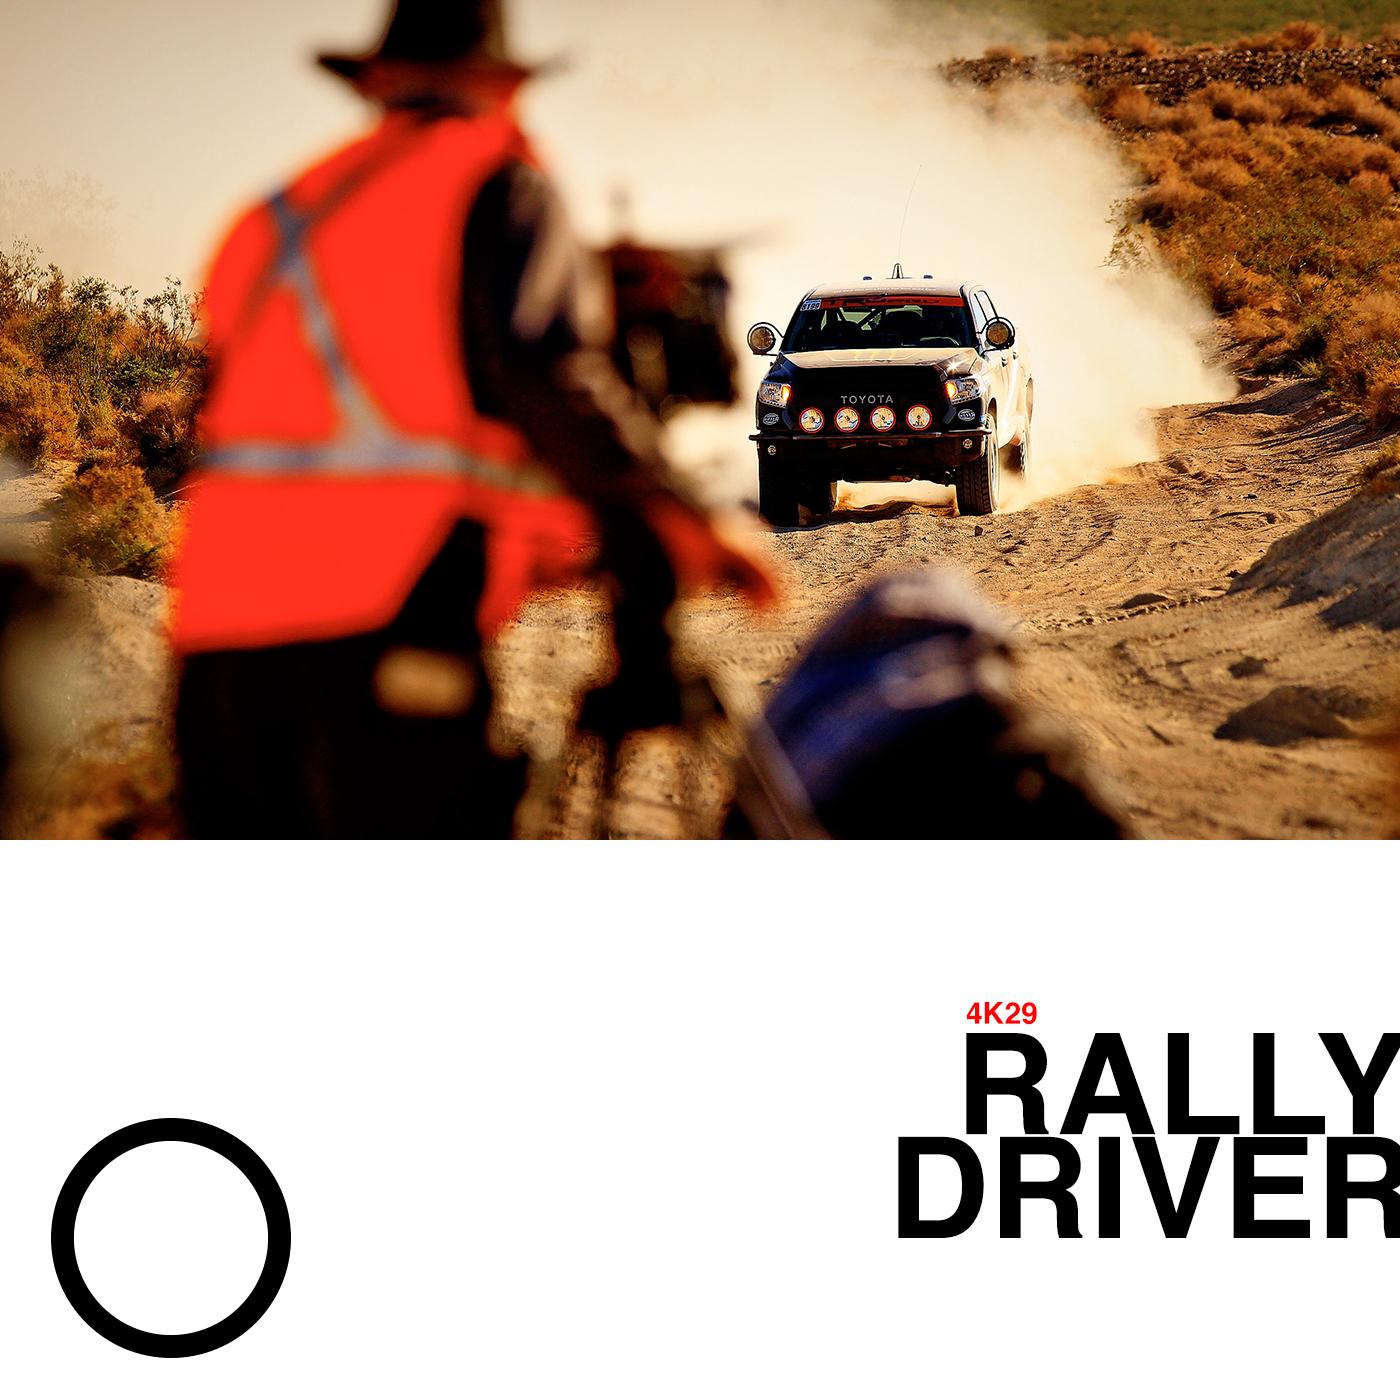 RALLY DRIVER 4K29